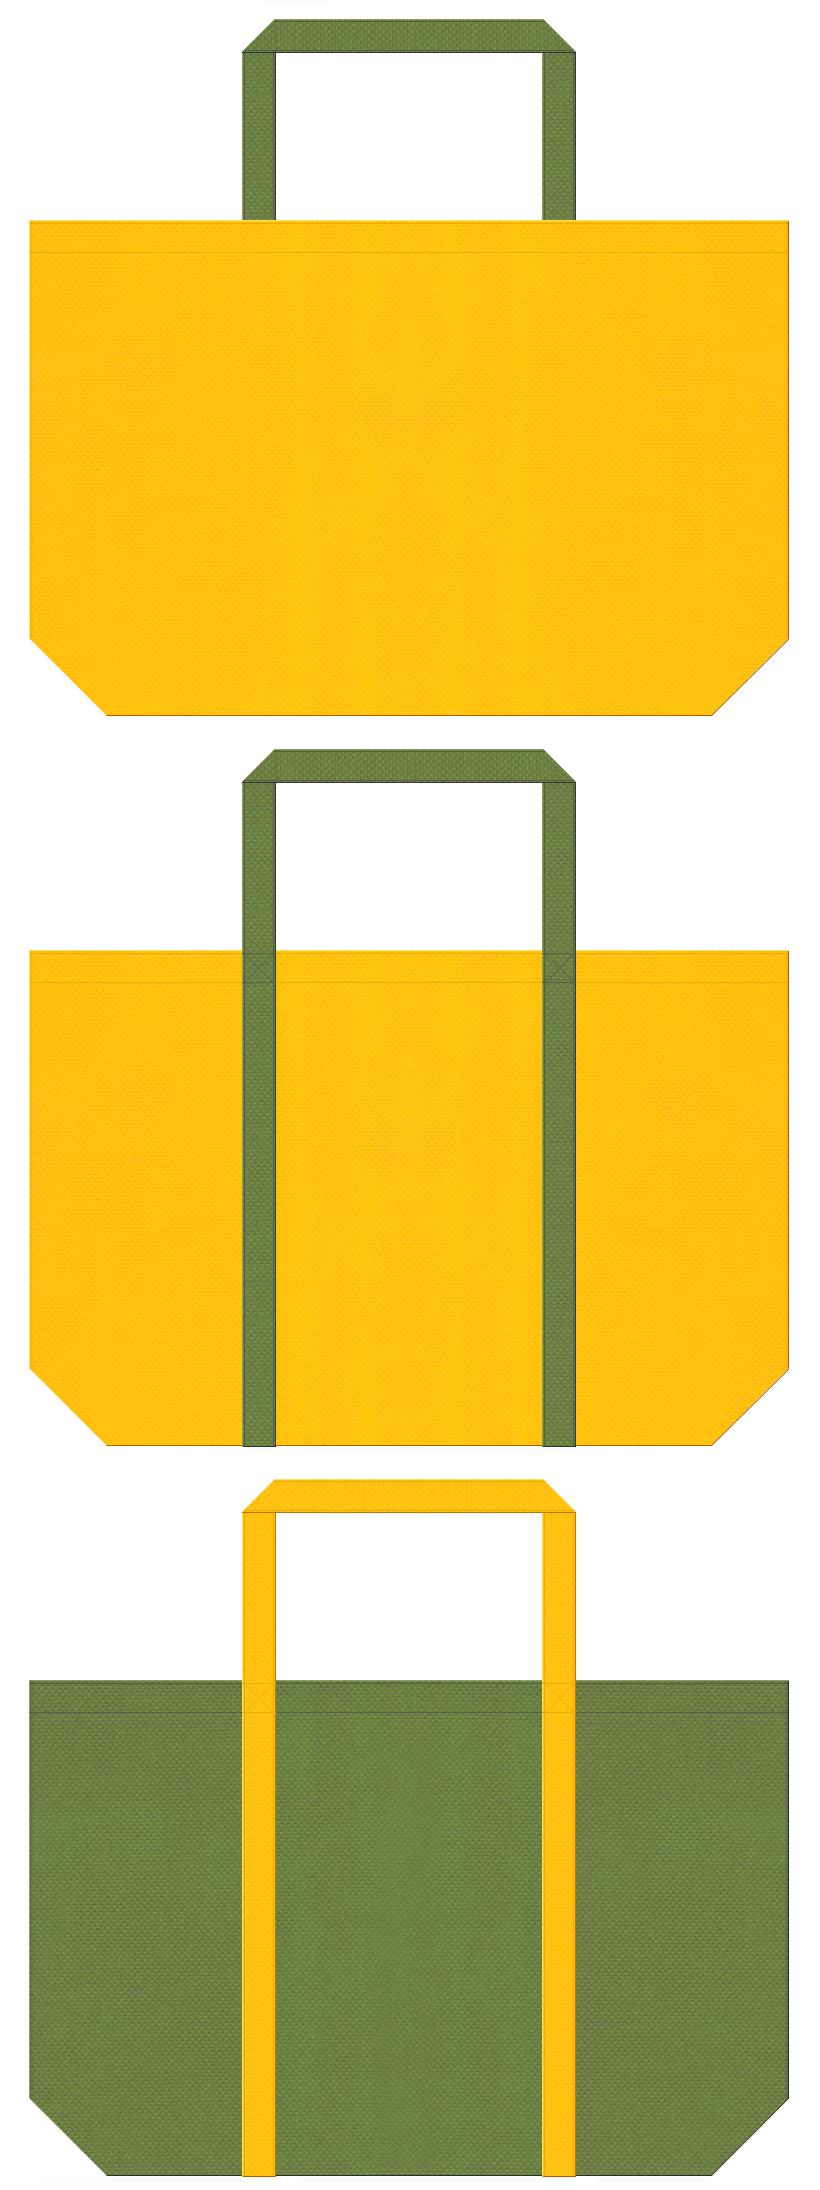 栗抹茶・スイーツ・和菓子のショッピングバッグにお奨めの不織布バッグデザイン:黄色と草色のコーデ